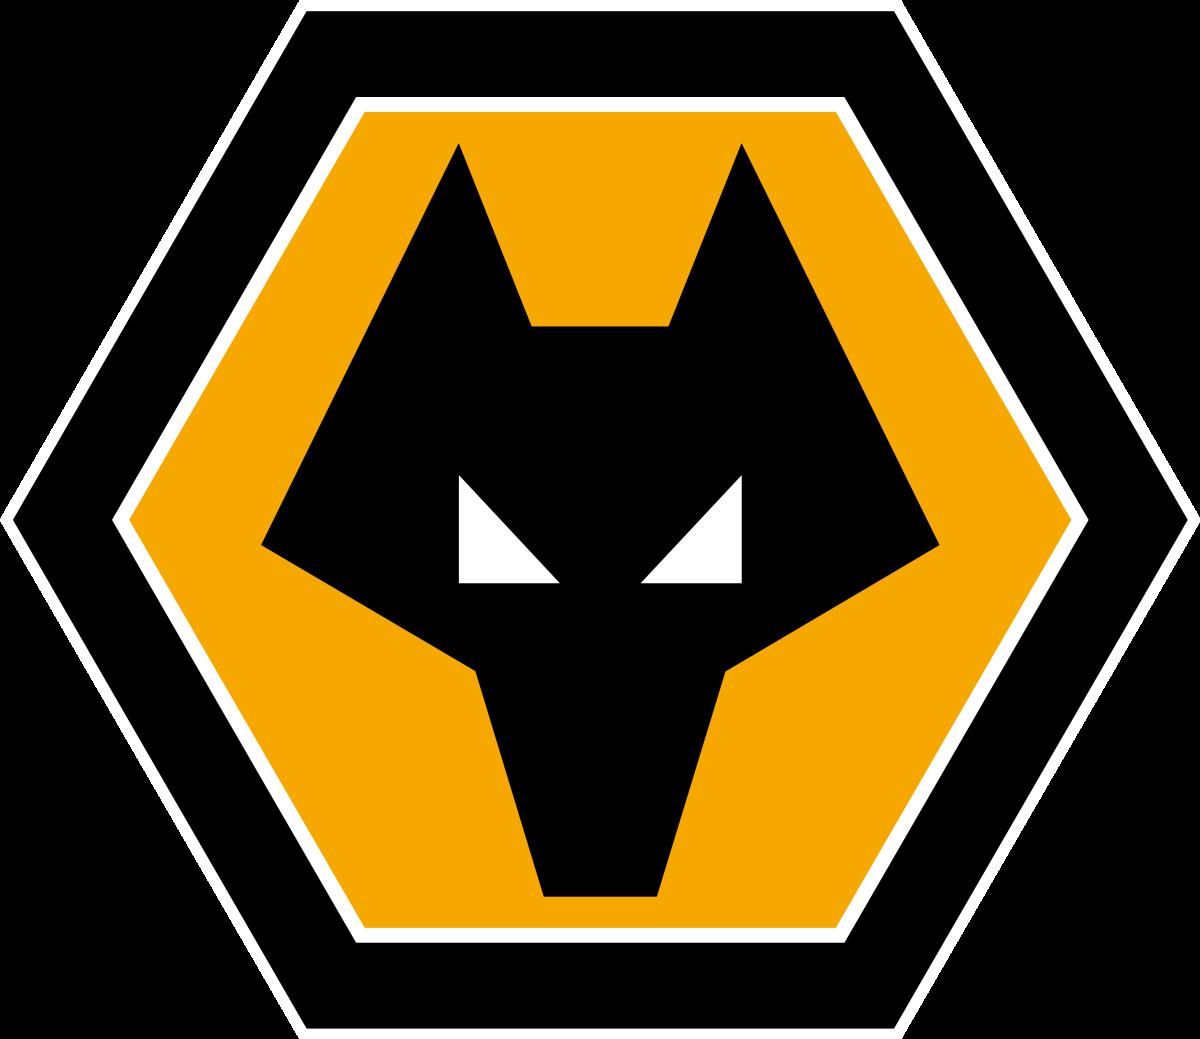 Wolves clipart football. Liste der spieler wolverhampton